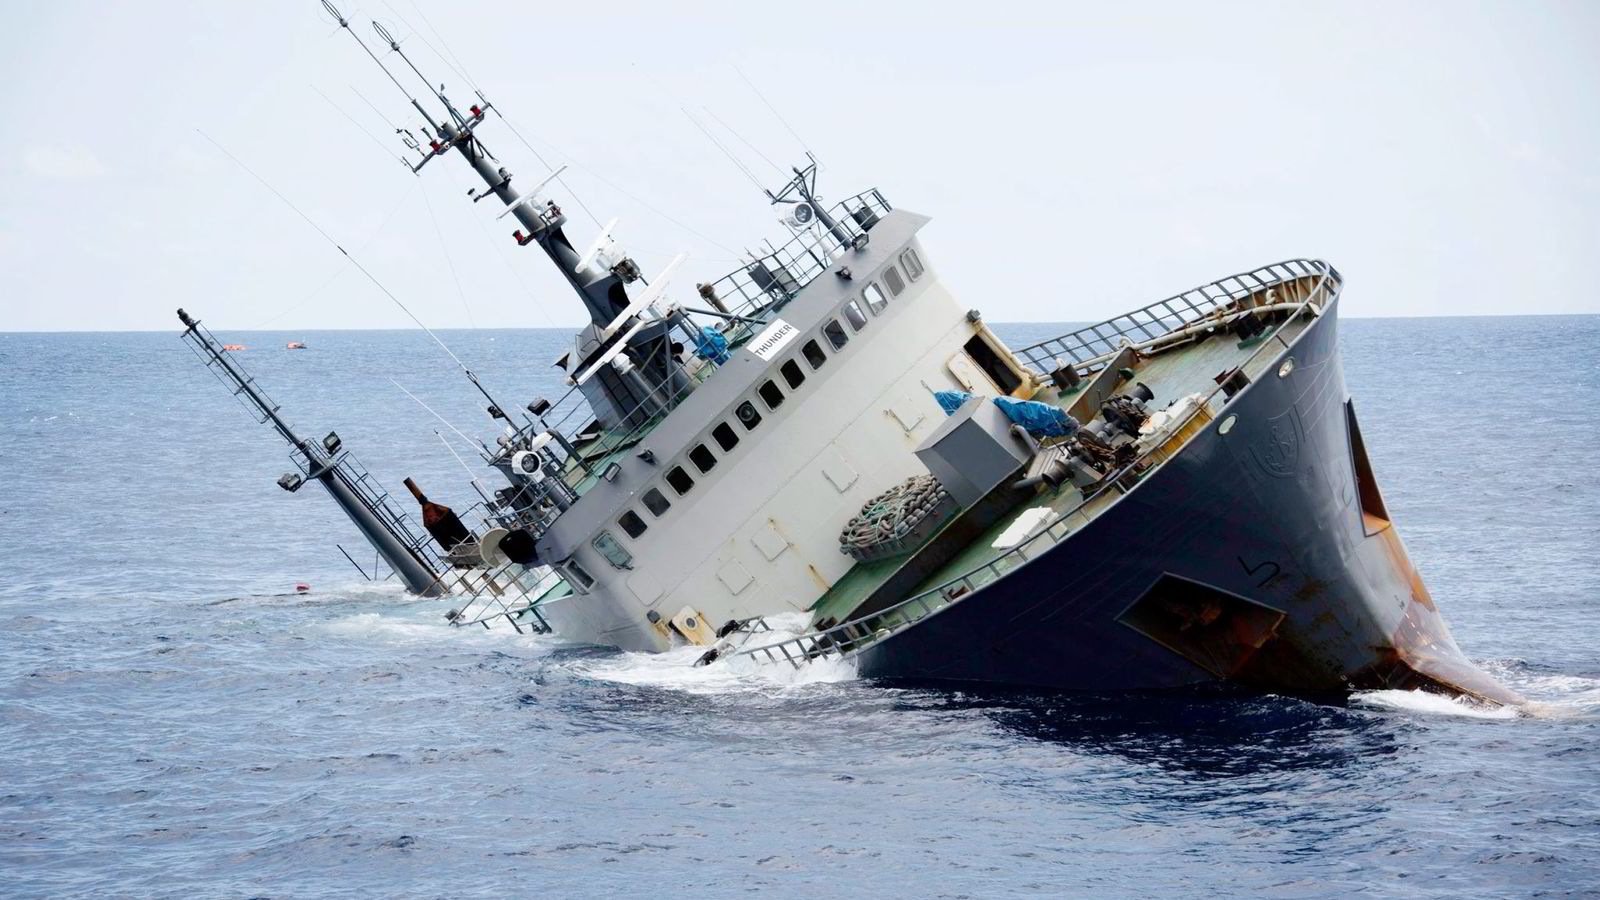 Klokken 13.52 igår forsvant «Thunder» under havoverflaten og begynte den lange veien ned til 3800 meters dyp. Det Interpol-etterlyste skipet sank i blikkstille vær i Guineabukten.